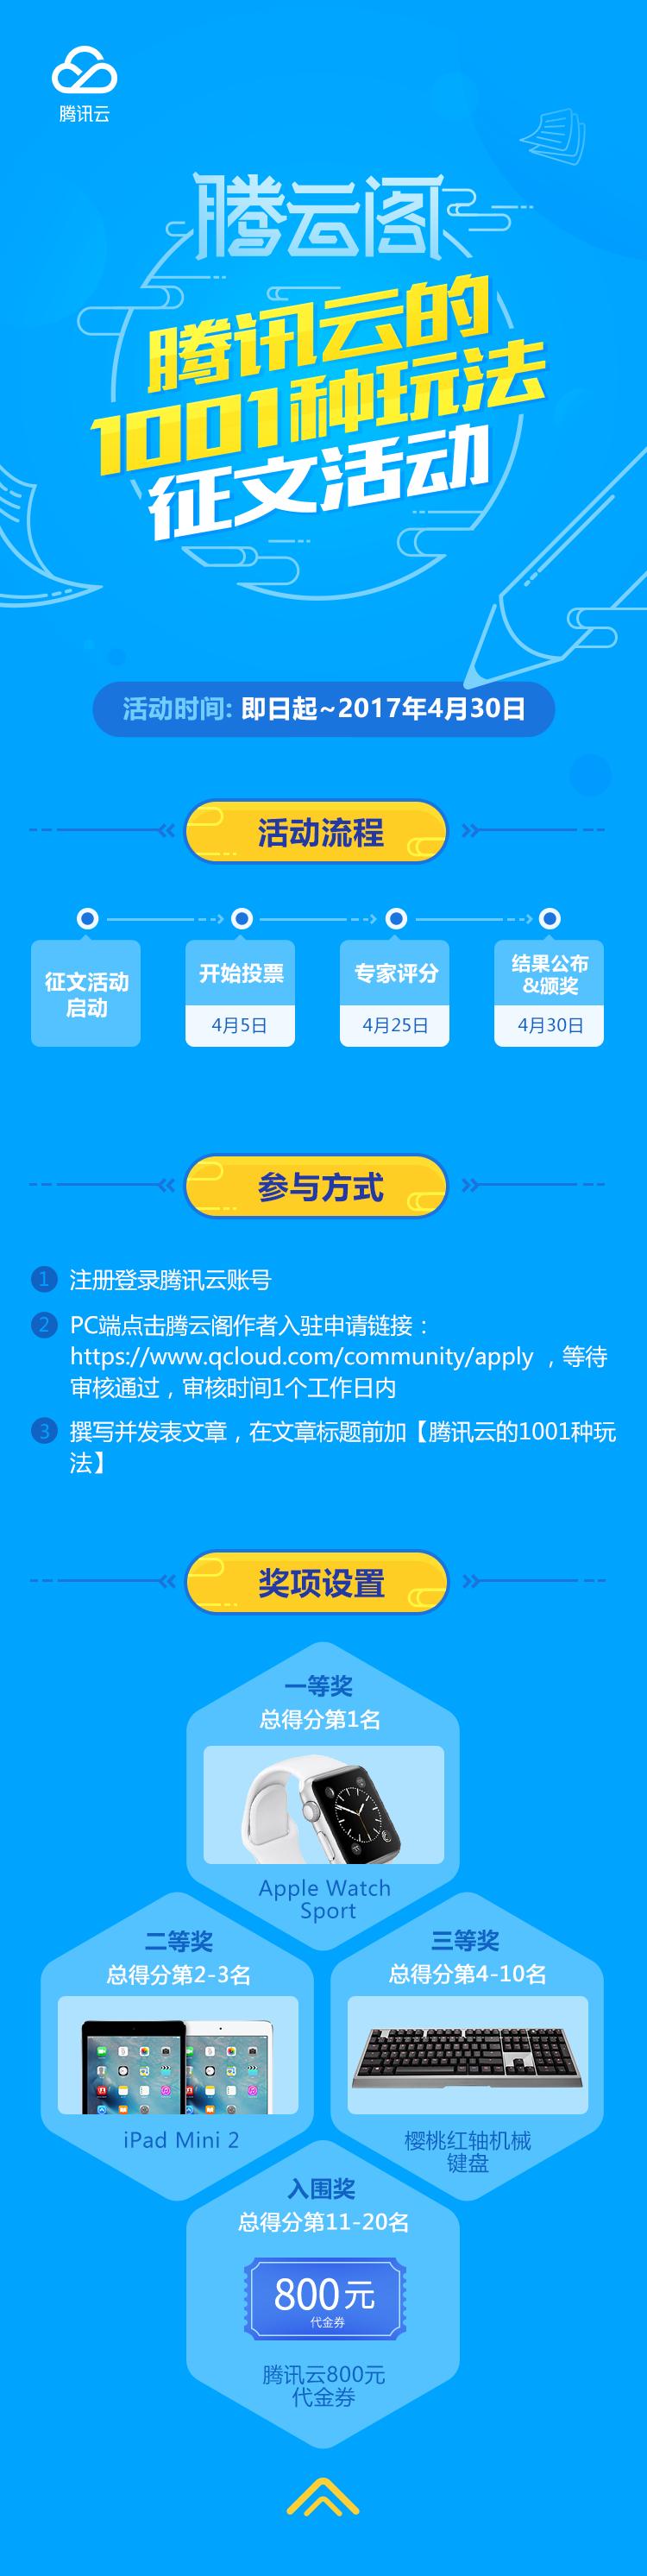 腾云阁「腾讯云的1001种玩法」征文活动